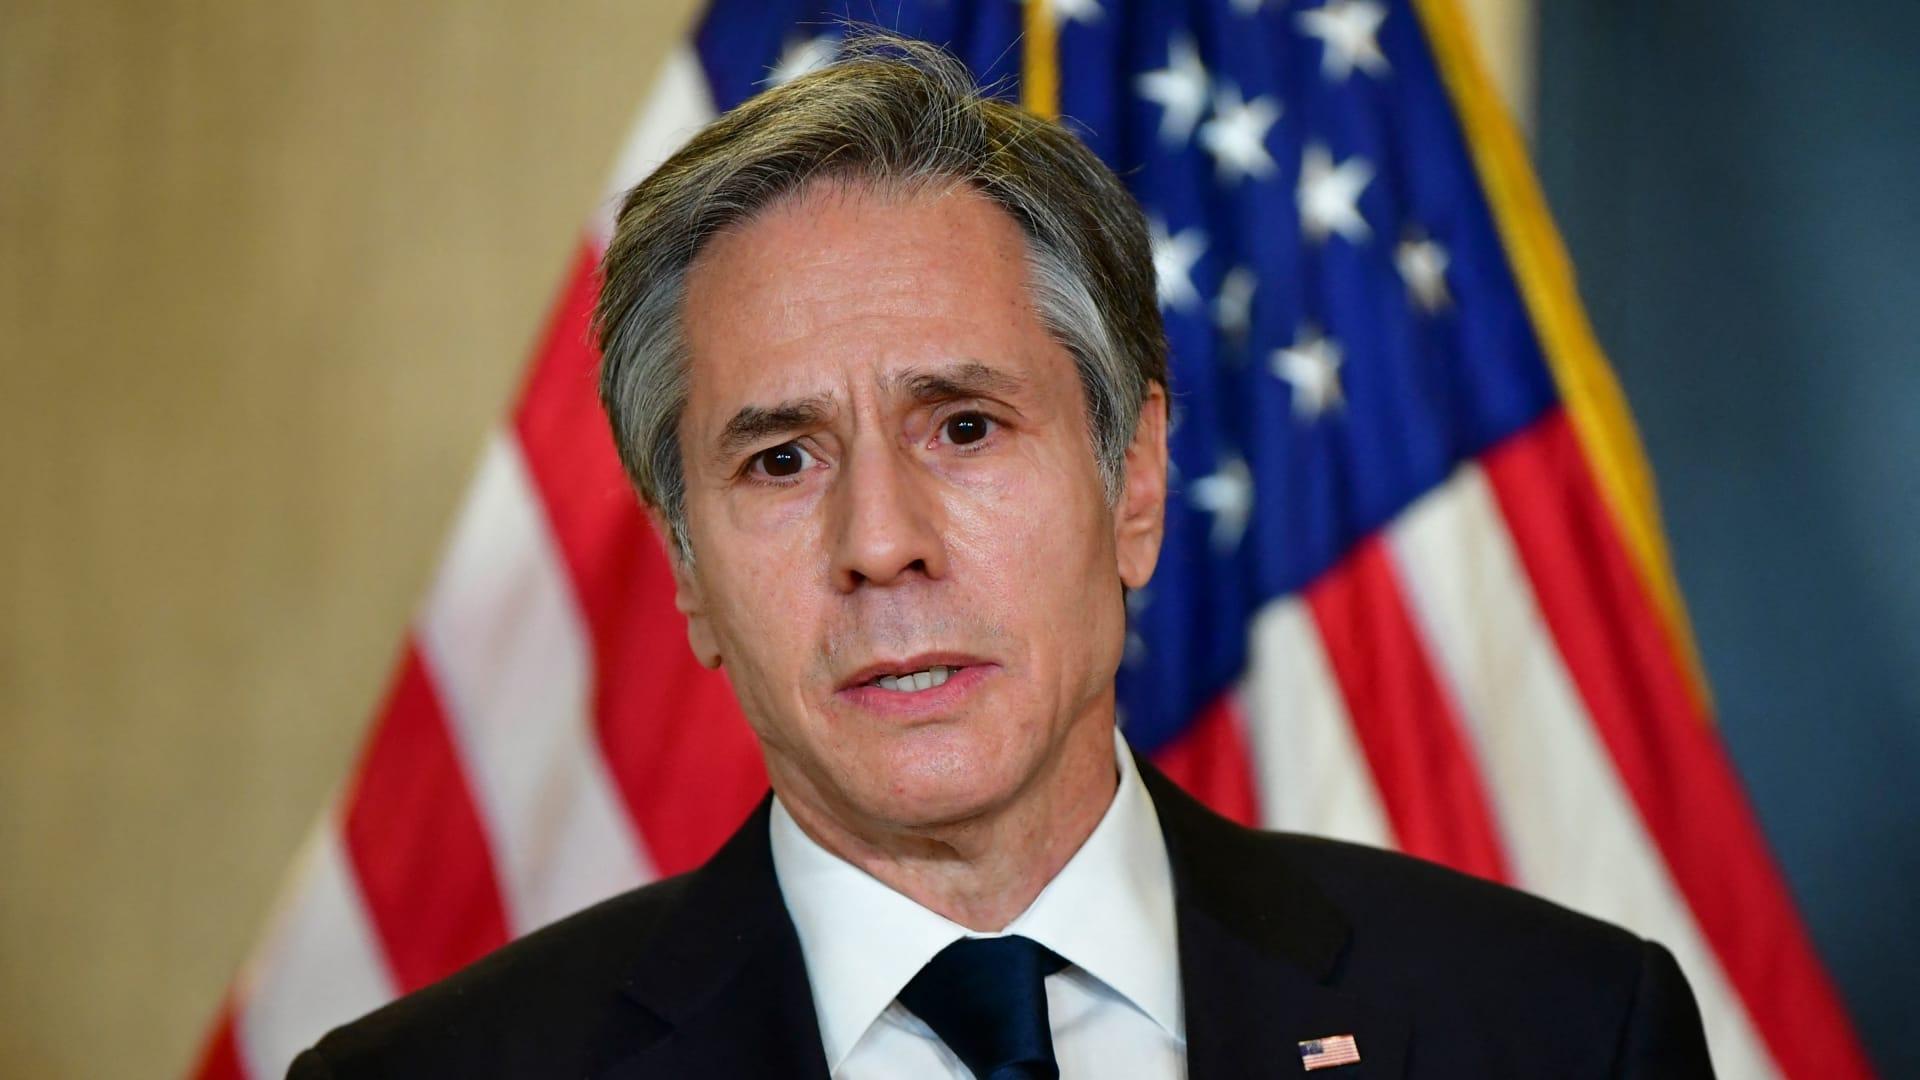 الخارجية الأمريكية تدين الهجوم الحوثي على منشأة نفطية في جازان بالسعودية